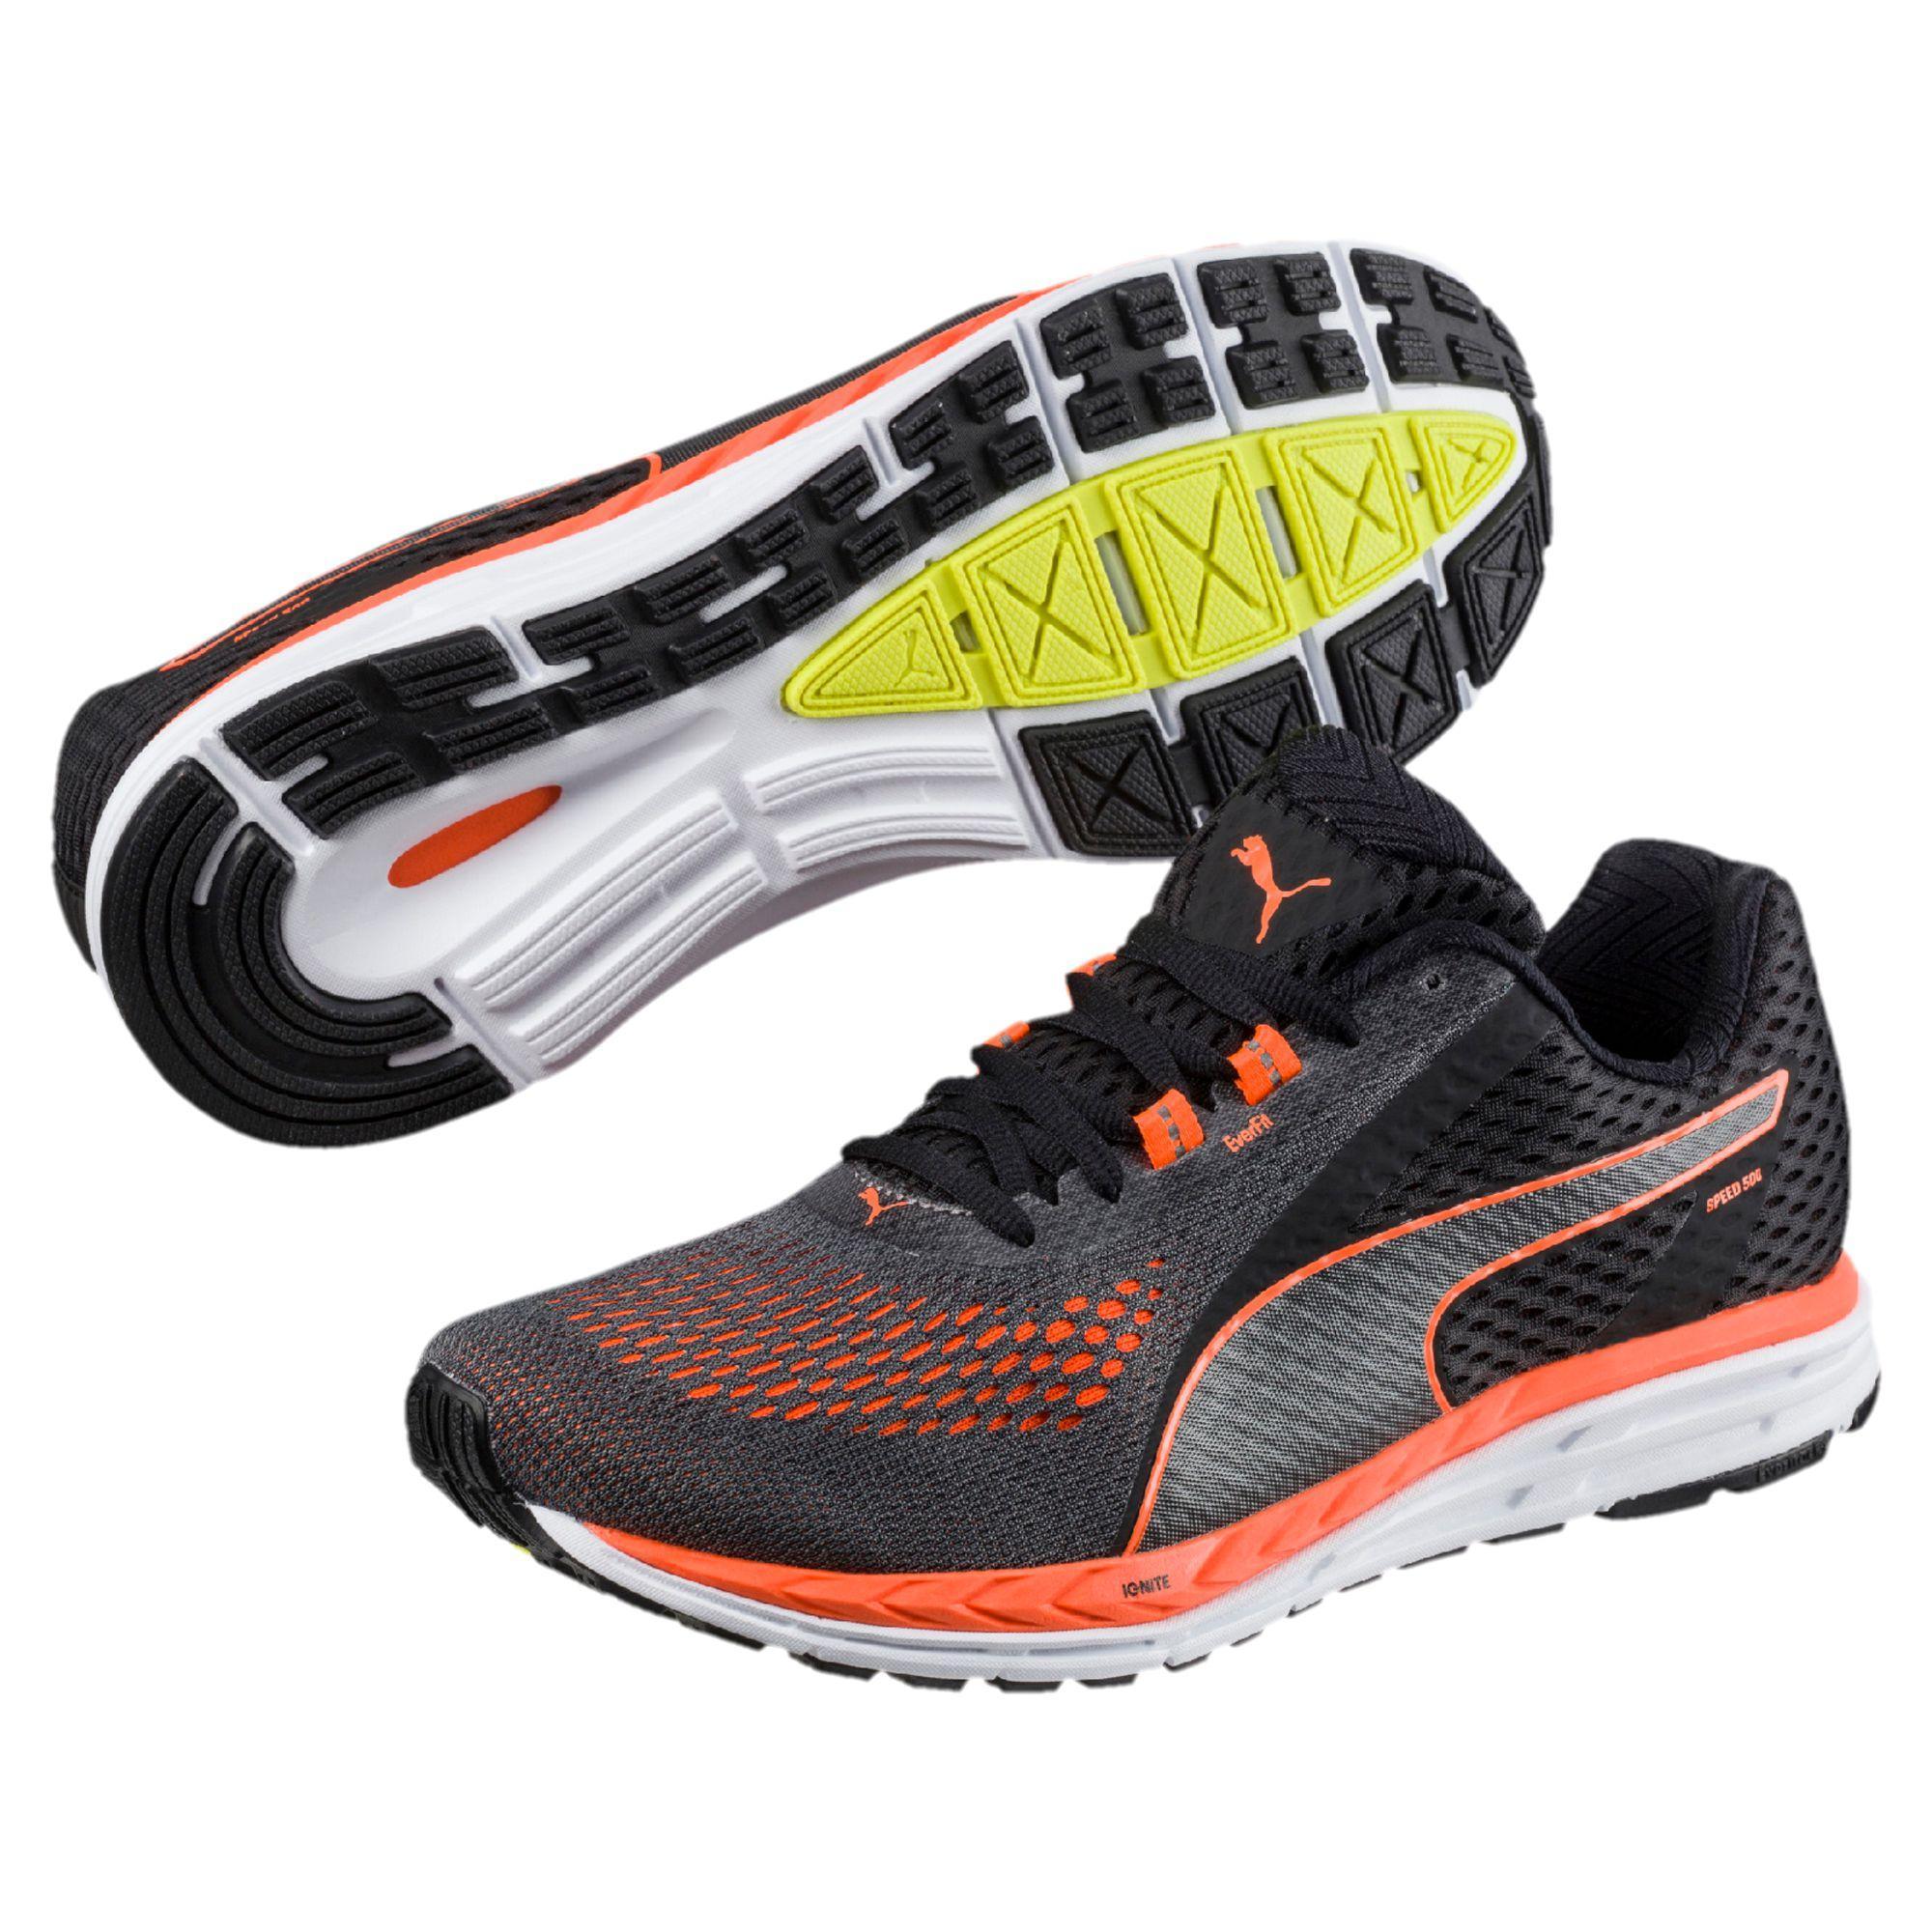 Lyst - PUMA Speed 500 Ignite 2 Men s Running Shoes in Black for Men ac8b12ec6